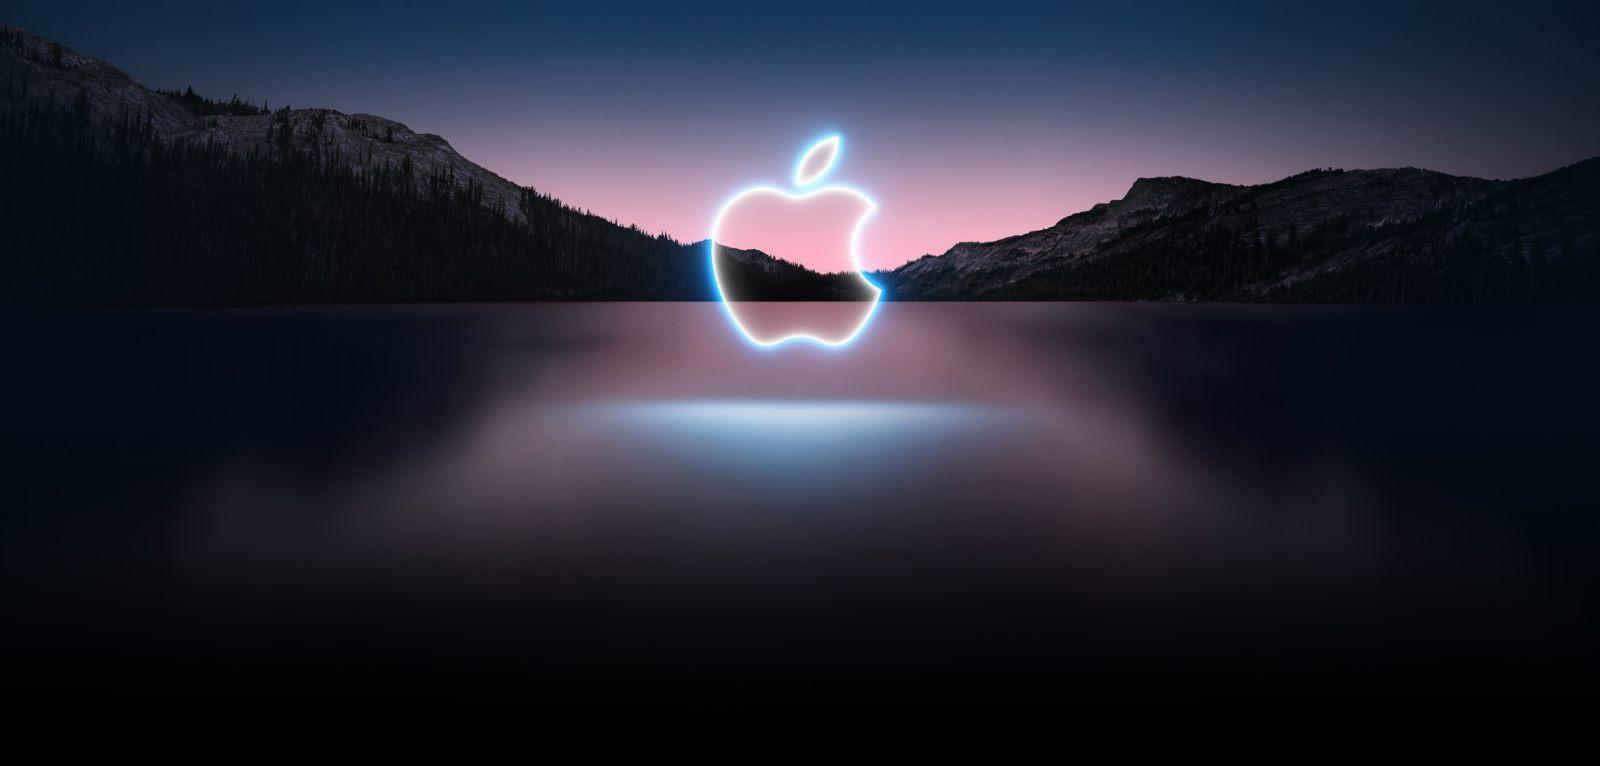 Apple秋季发布会资讯汇总:刘海变窄的iPhone 13你喜欢吗?